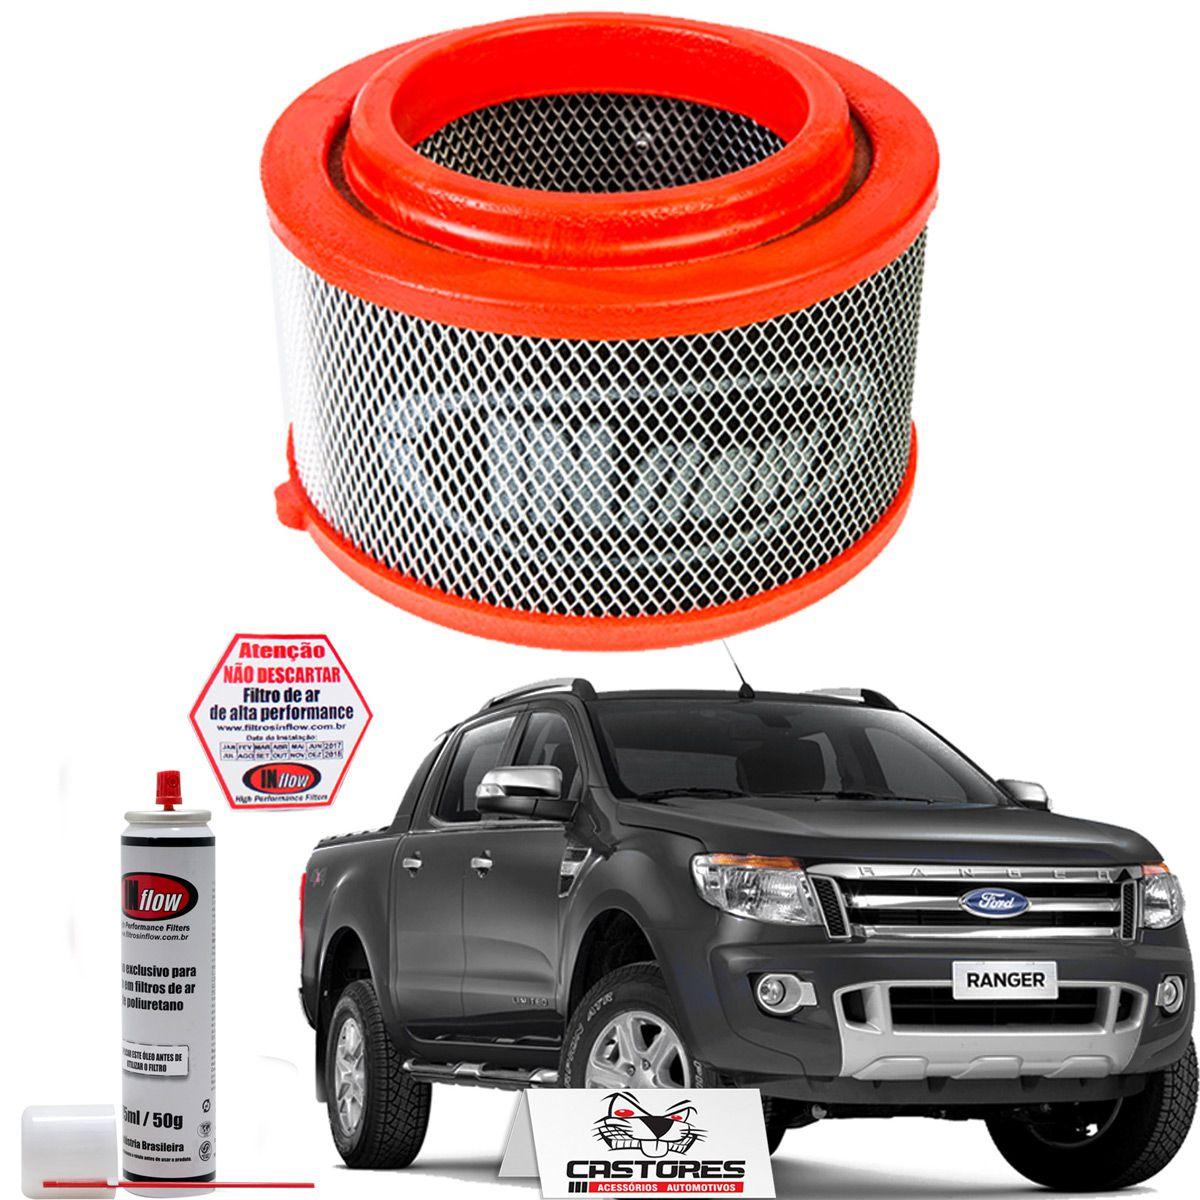 Filtro De Ar Esportivo Inflow Ranger 2.2 / 3.5 / 3.2 20v 2012+ Hpf2755